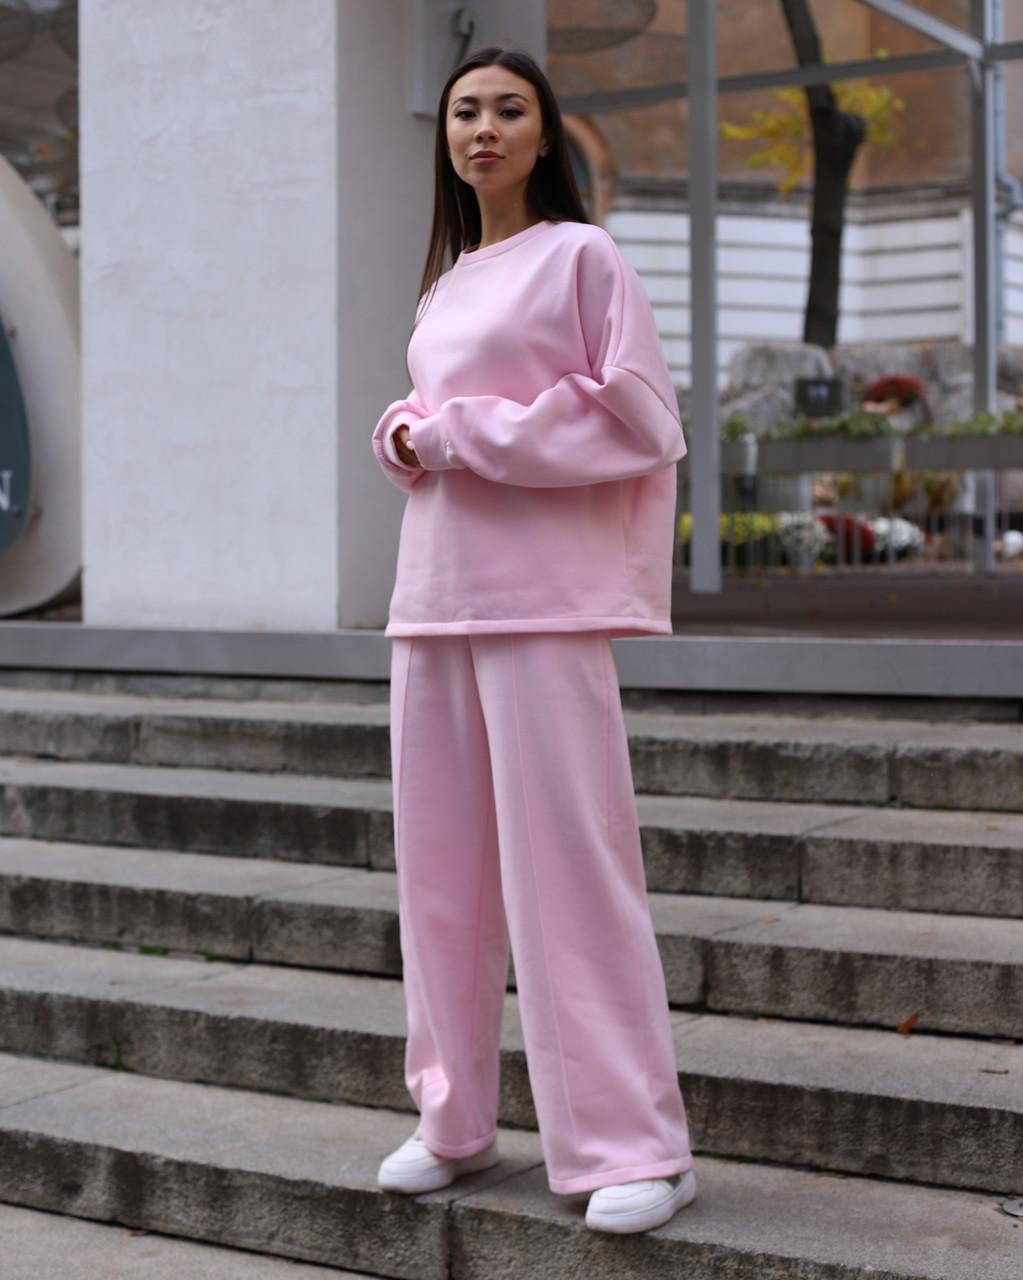 Спортивный костюм женский  розовый на флисе сезон зима Джин от бренда Тур, размеры: S-M